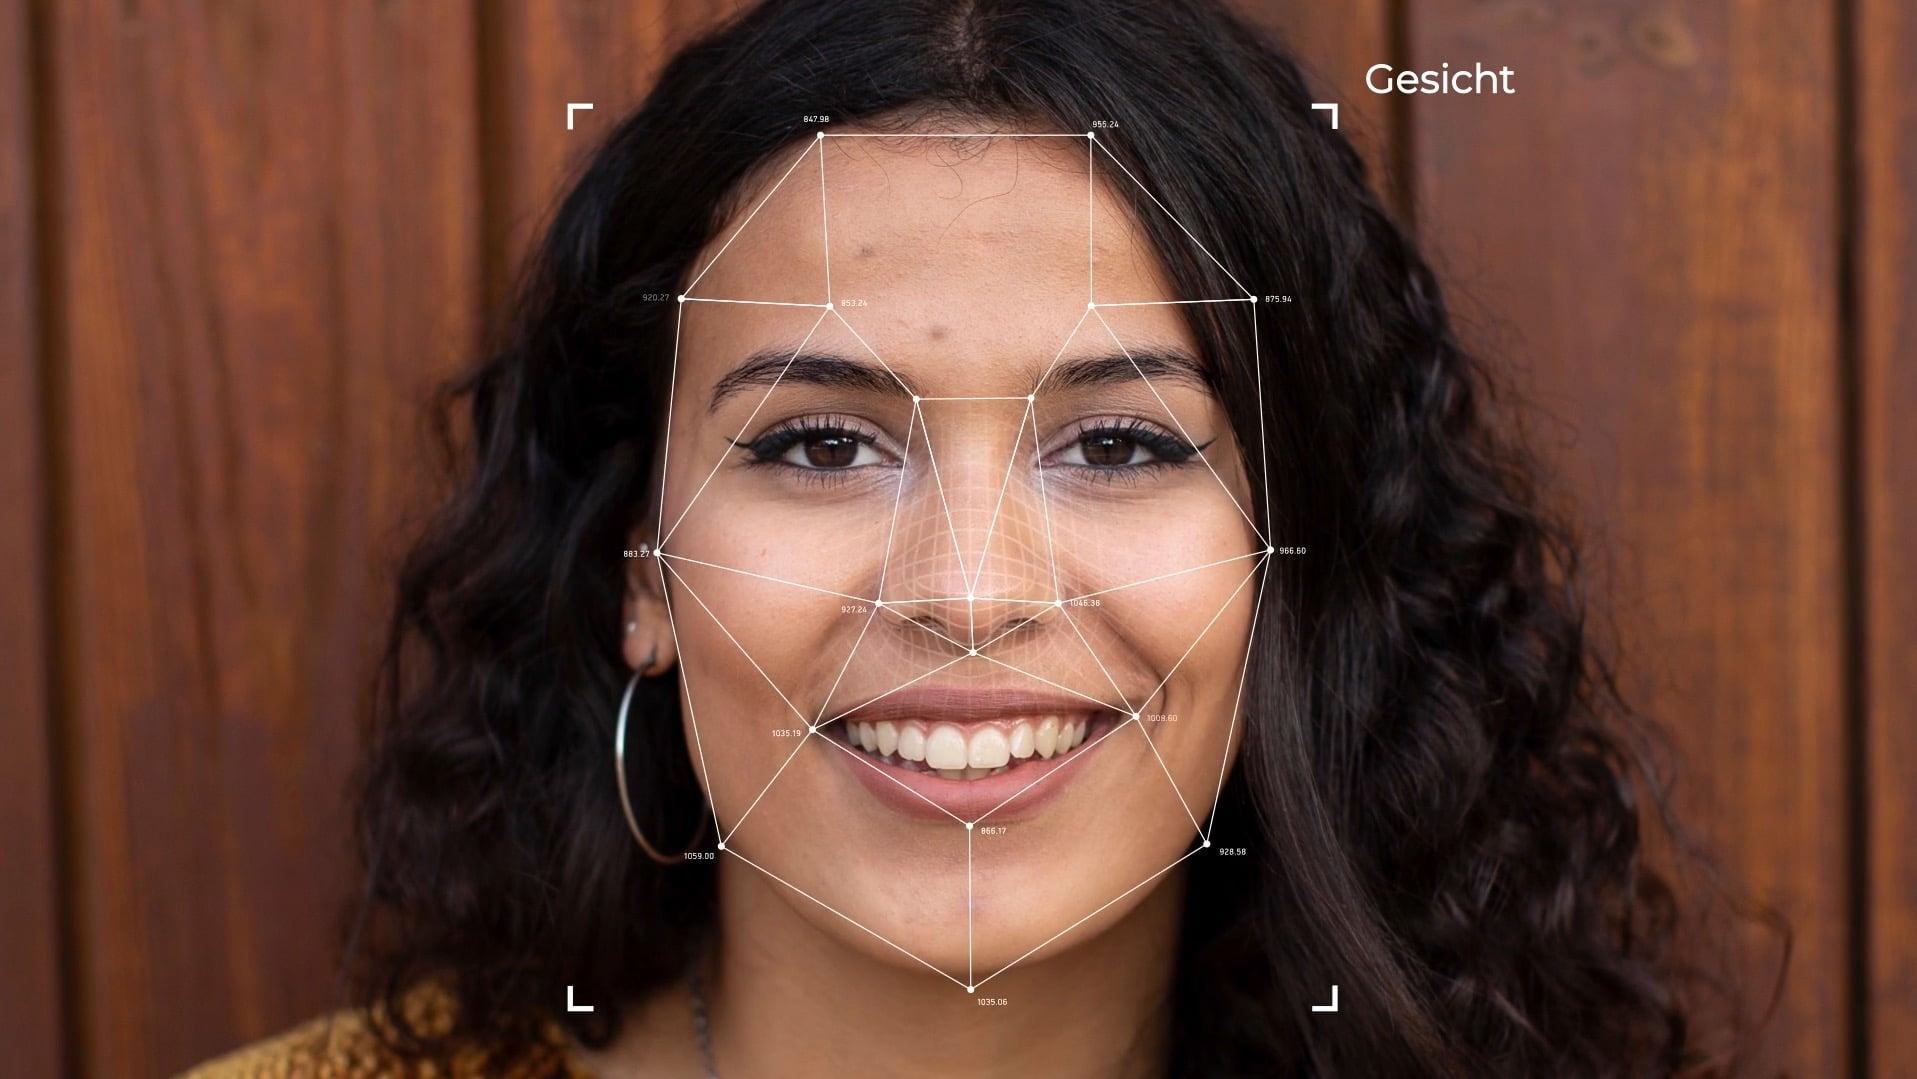 Druckvorstufe: Luminar AI ist eine Bildbearbeitungssoftware, die nach Angaben des Herstellers Skylum erstmals »vollständig auf Künstlicher Intelligenz beruht«.